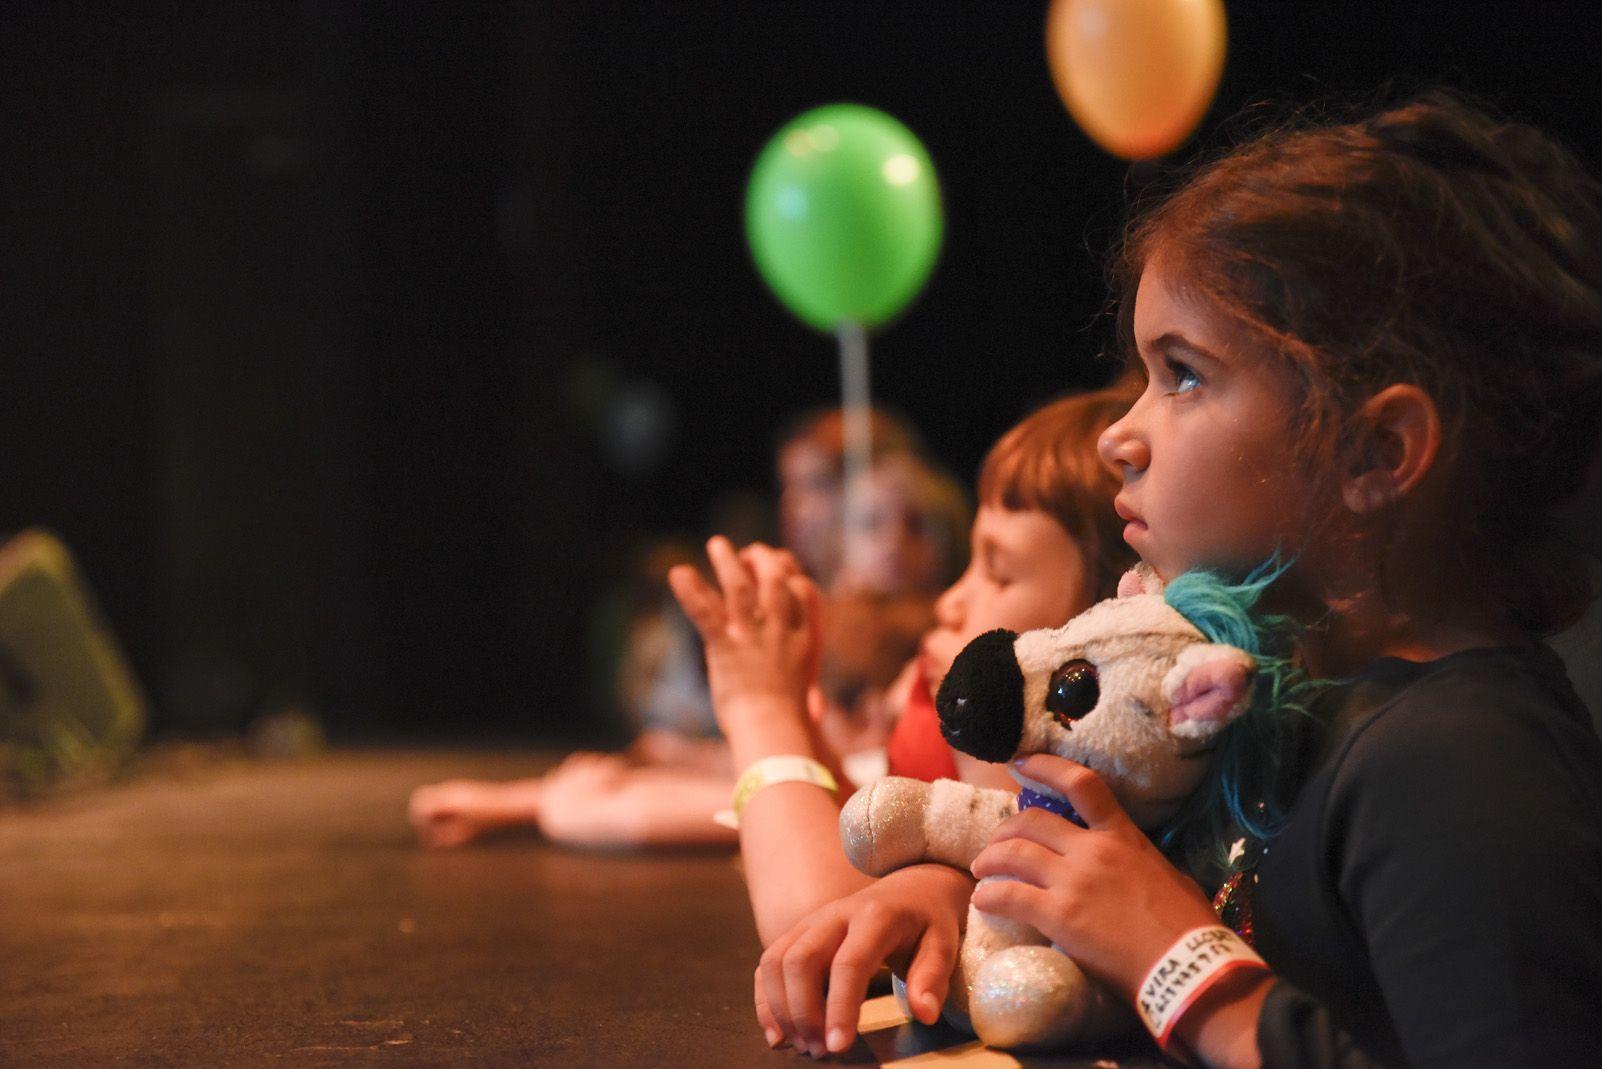 El Petit de Cal Eril al Festival de Música Petits Camaleons. Foto: Bernat Millet.